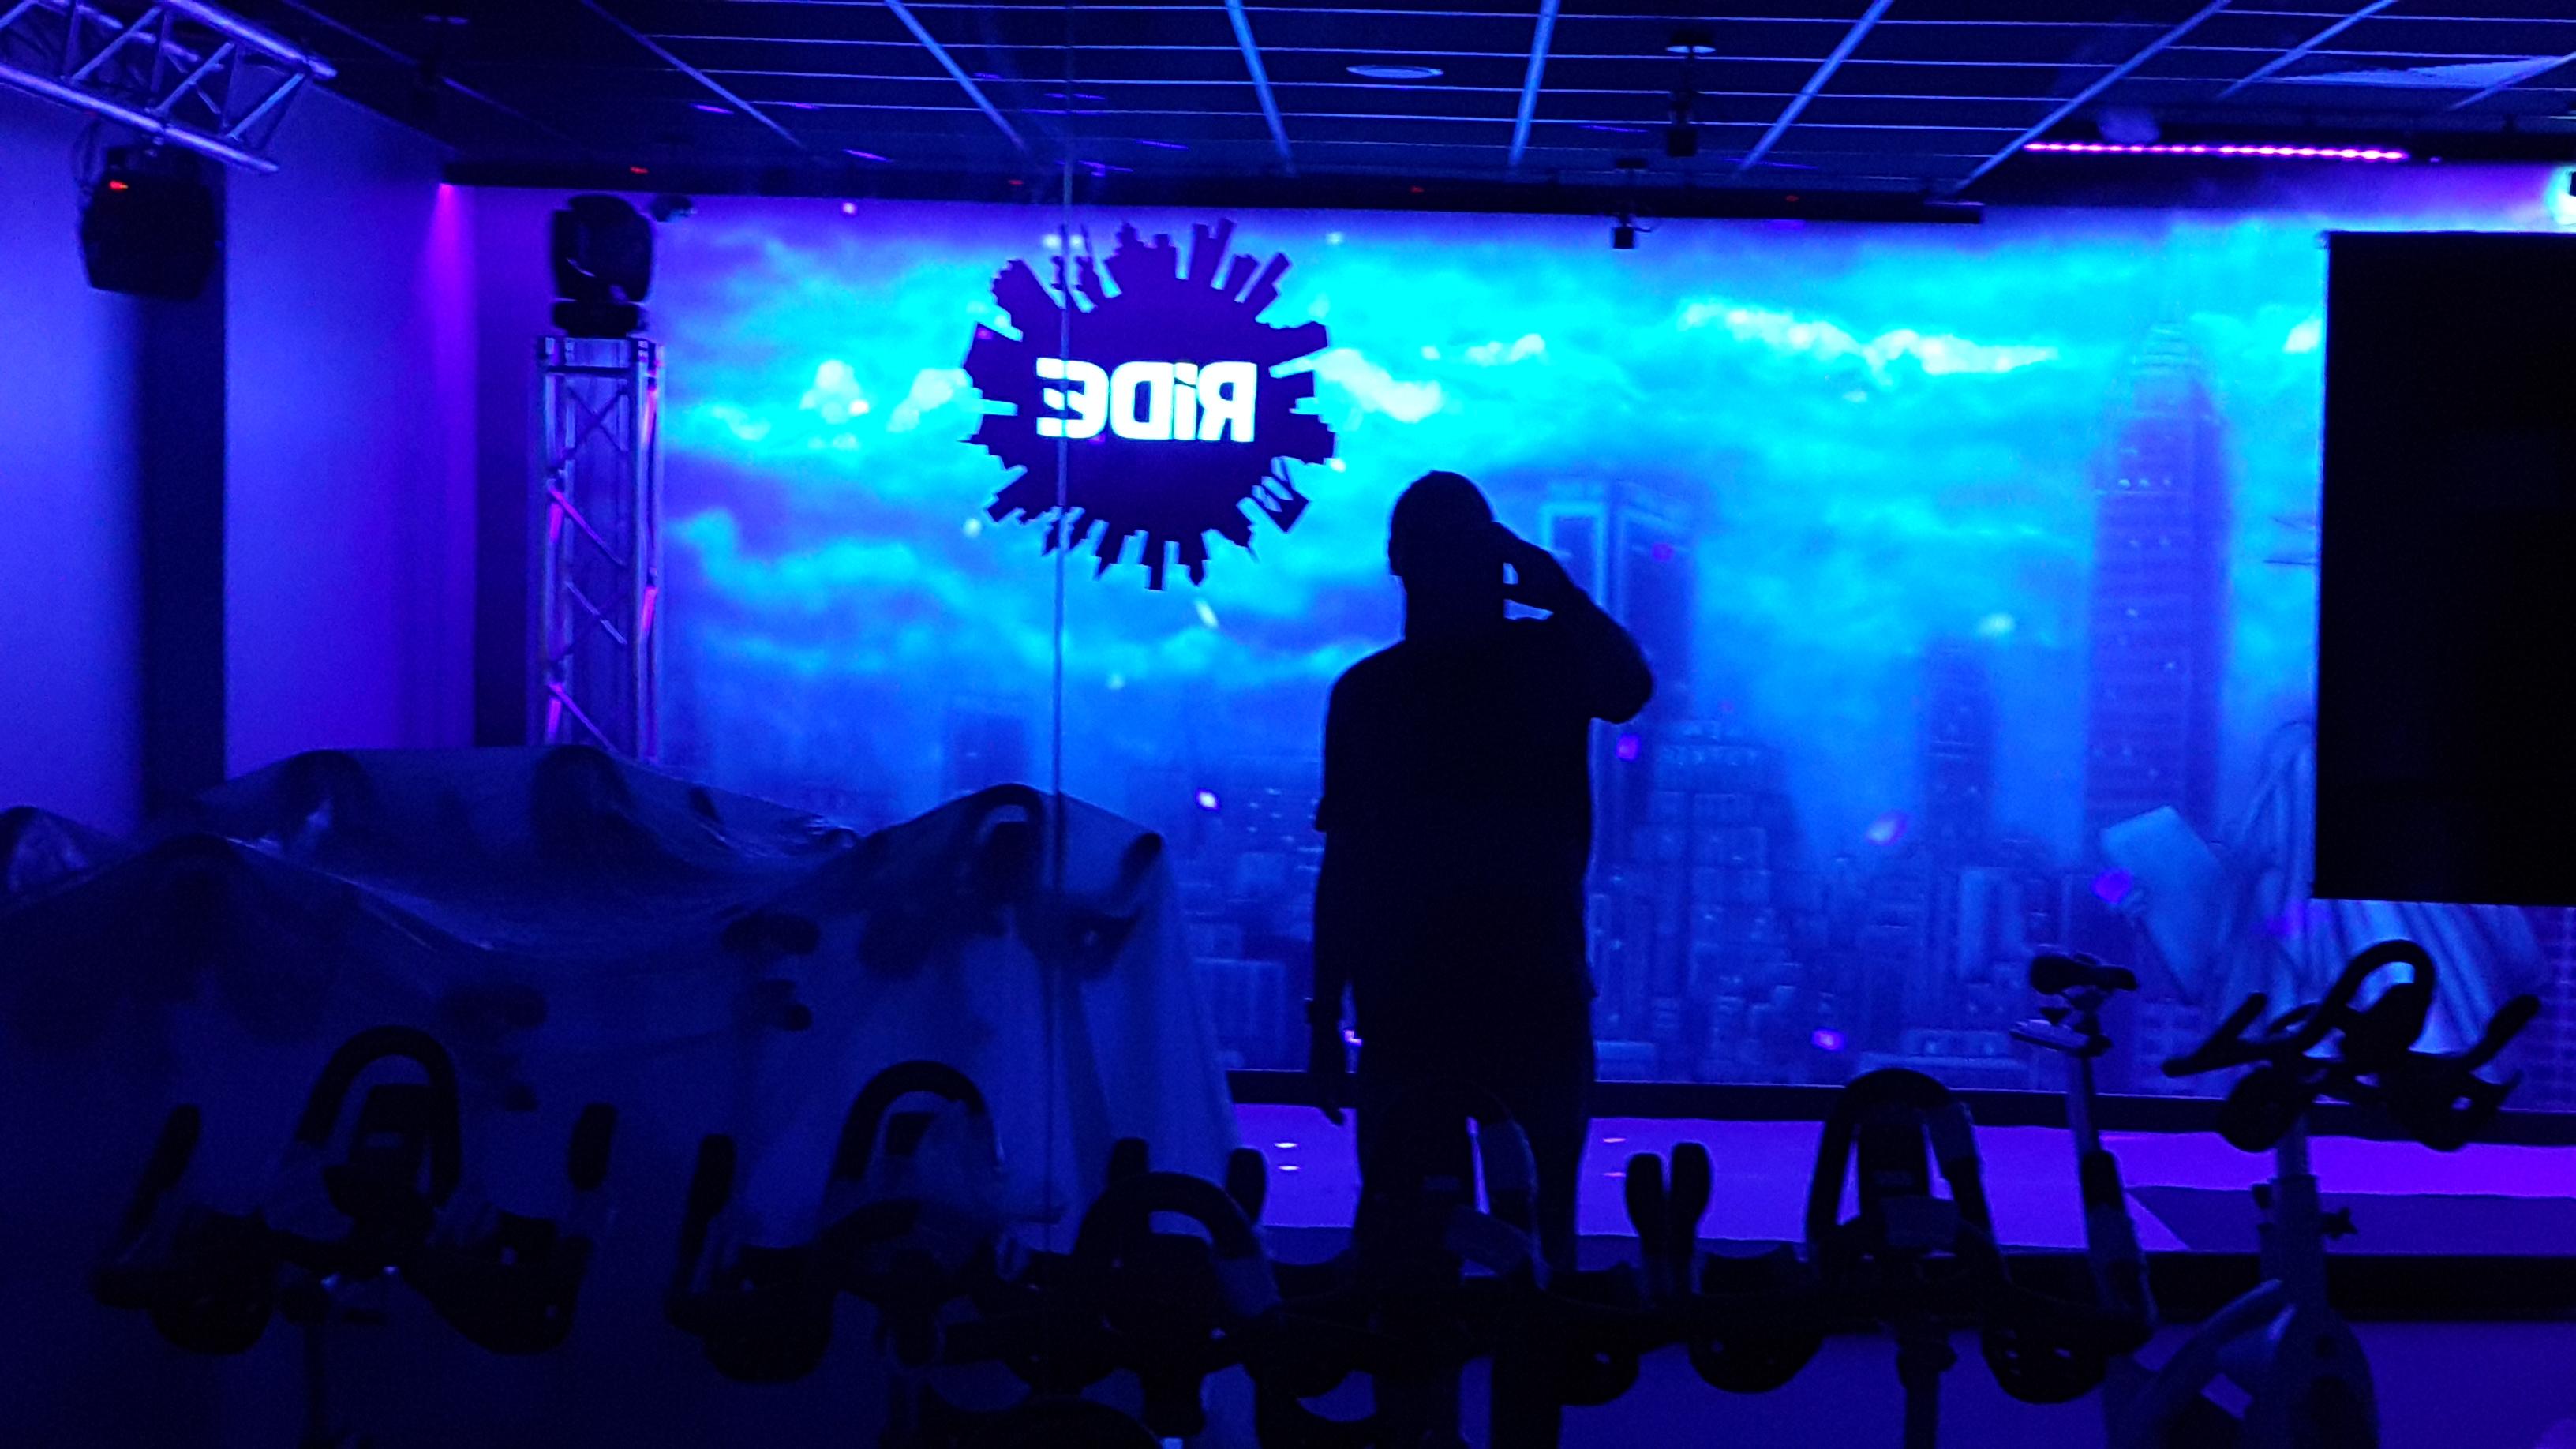 Malowanie loga w ultrafiolecie, malowidło świecące w ciemności